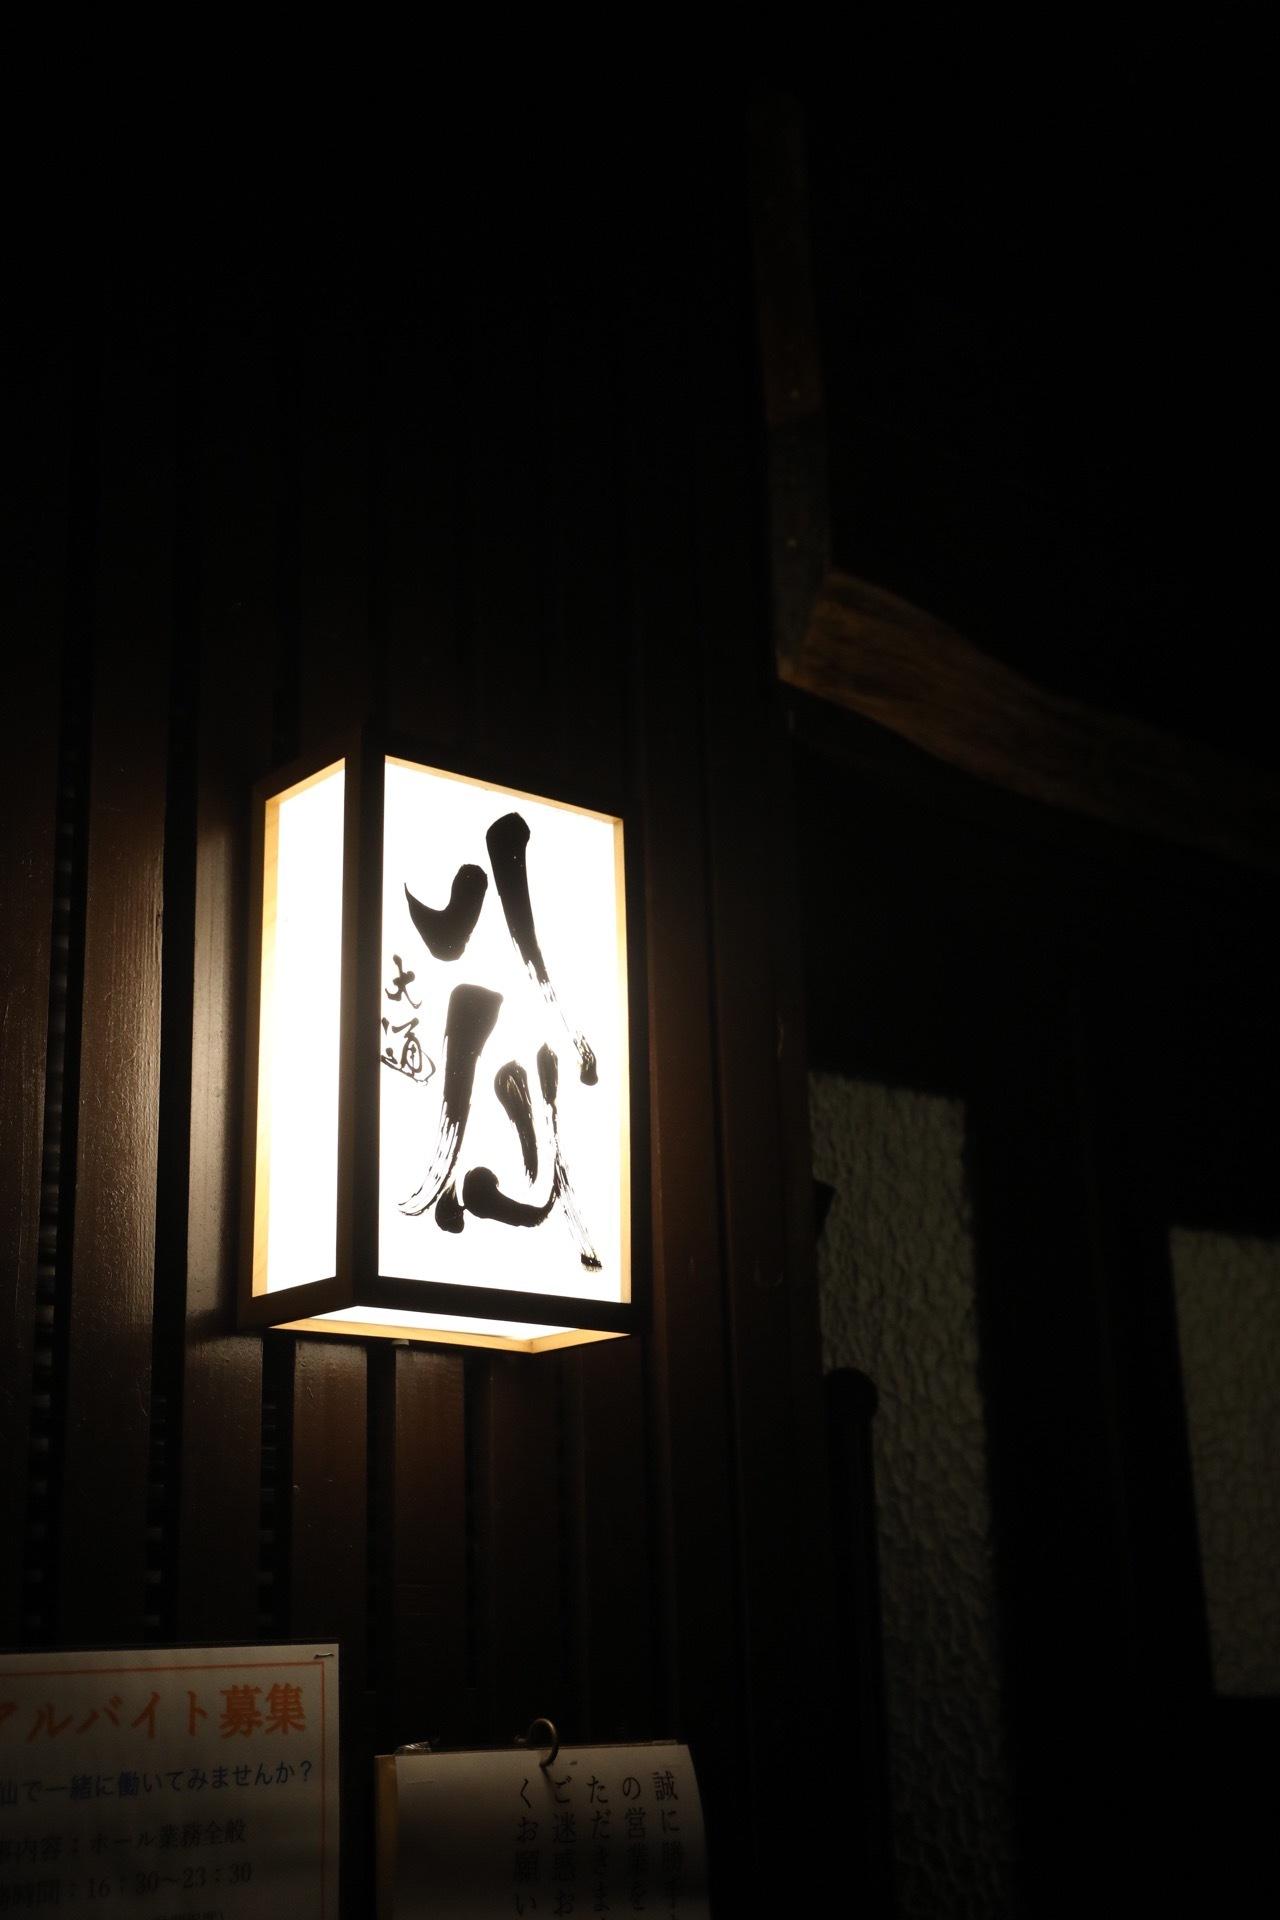 札幌♪_b0275998_10232312.jpeg